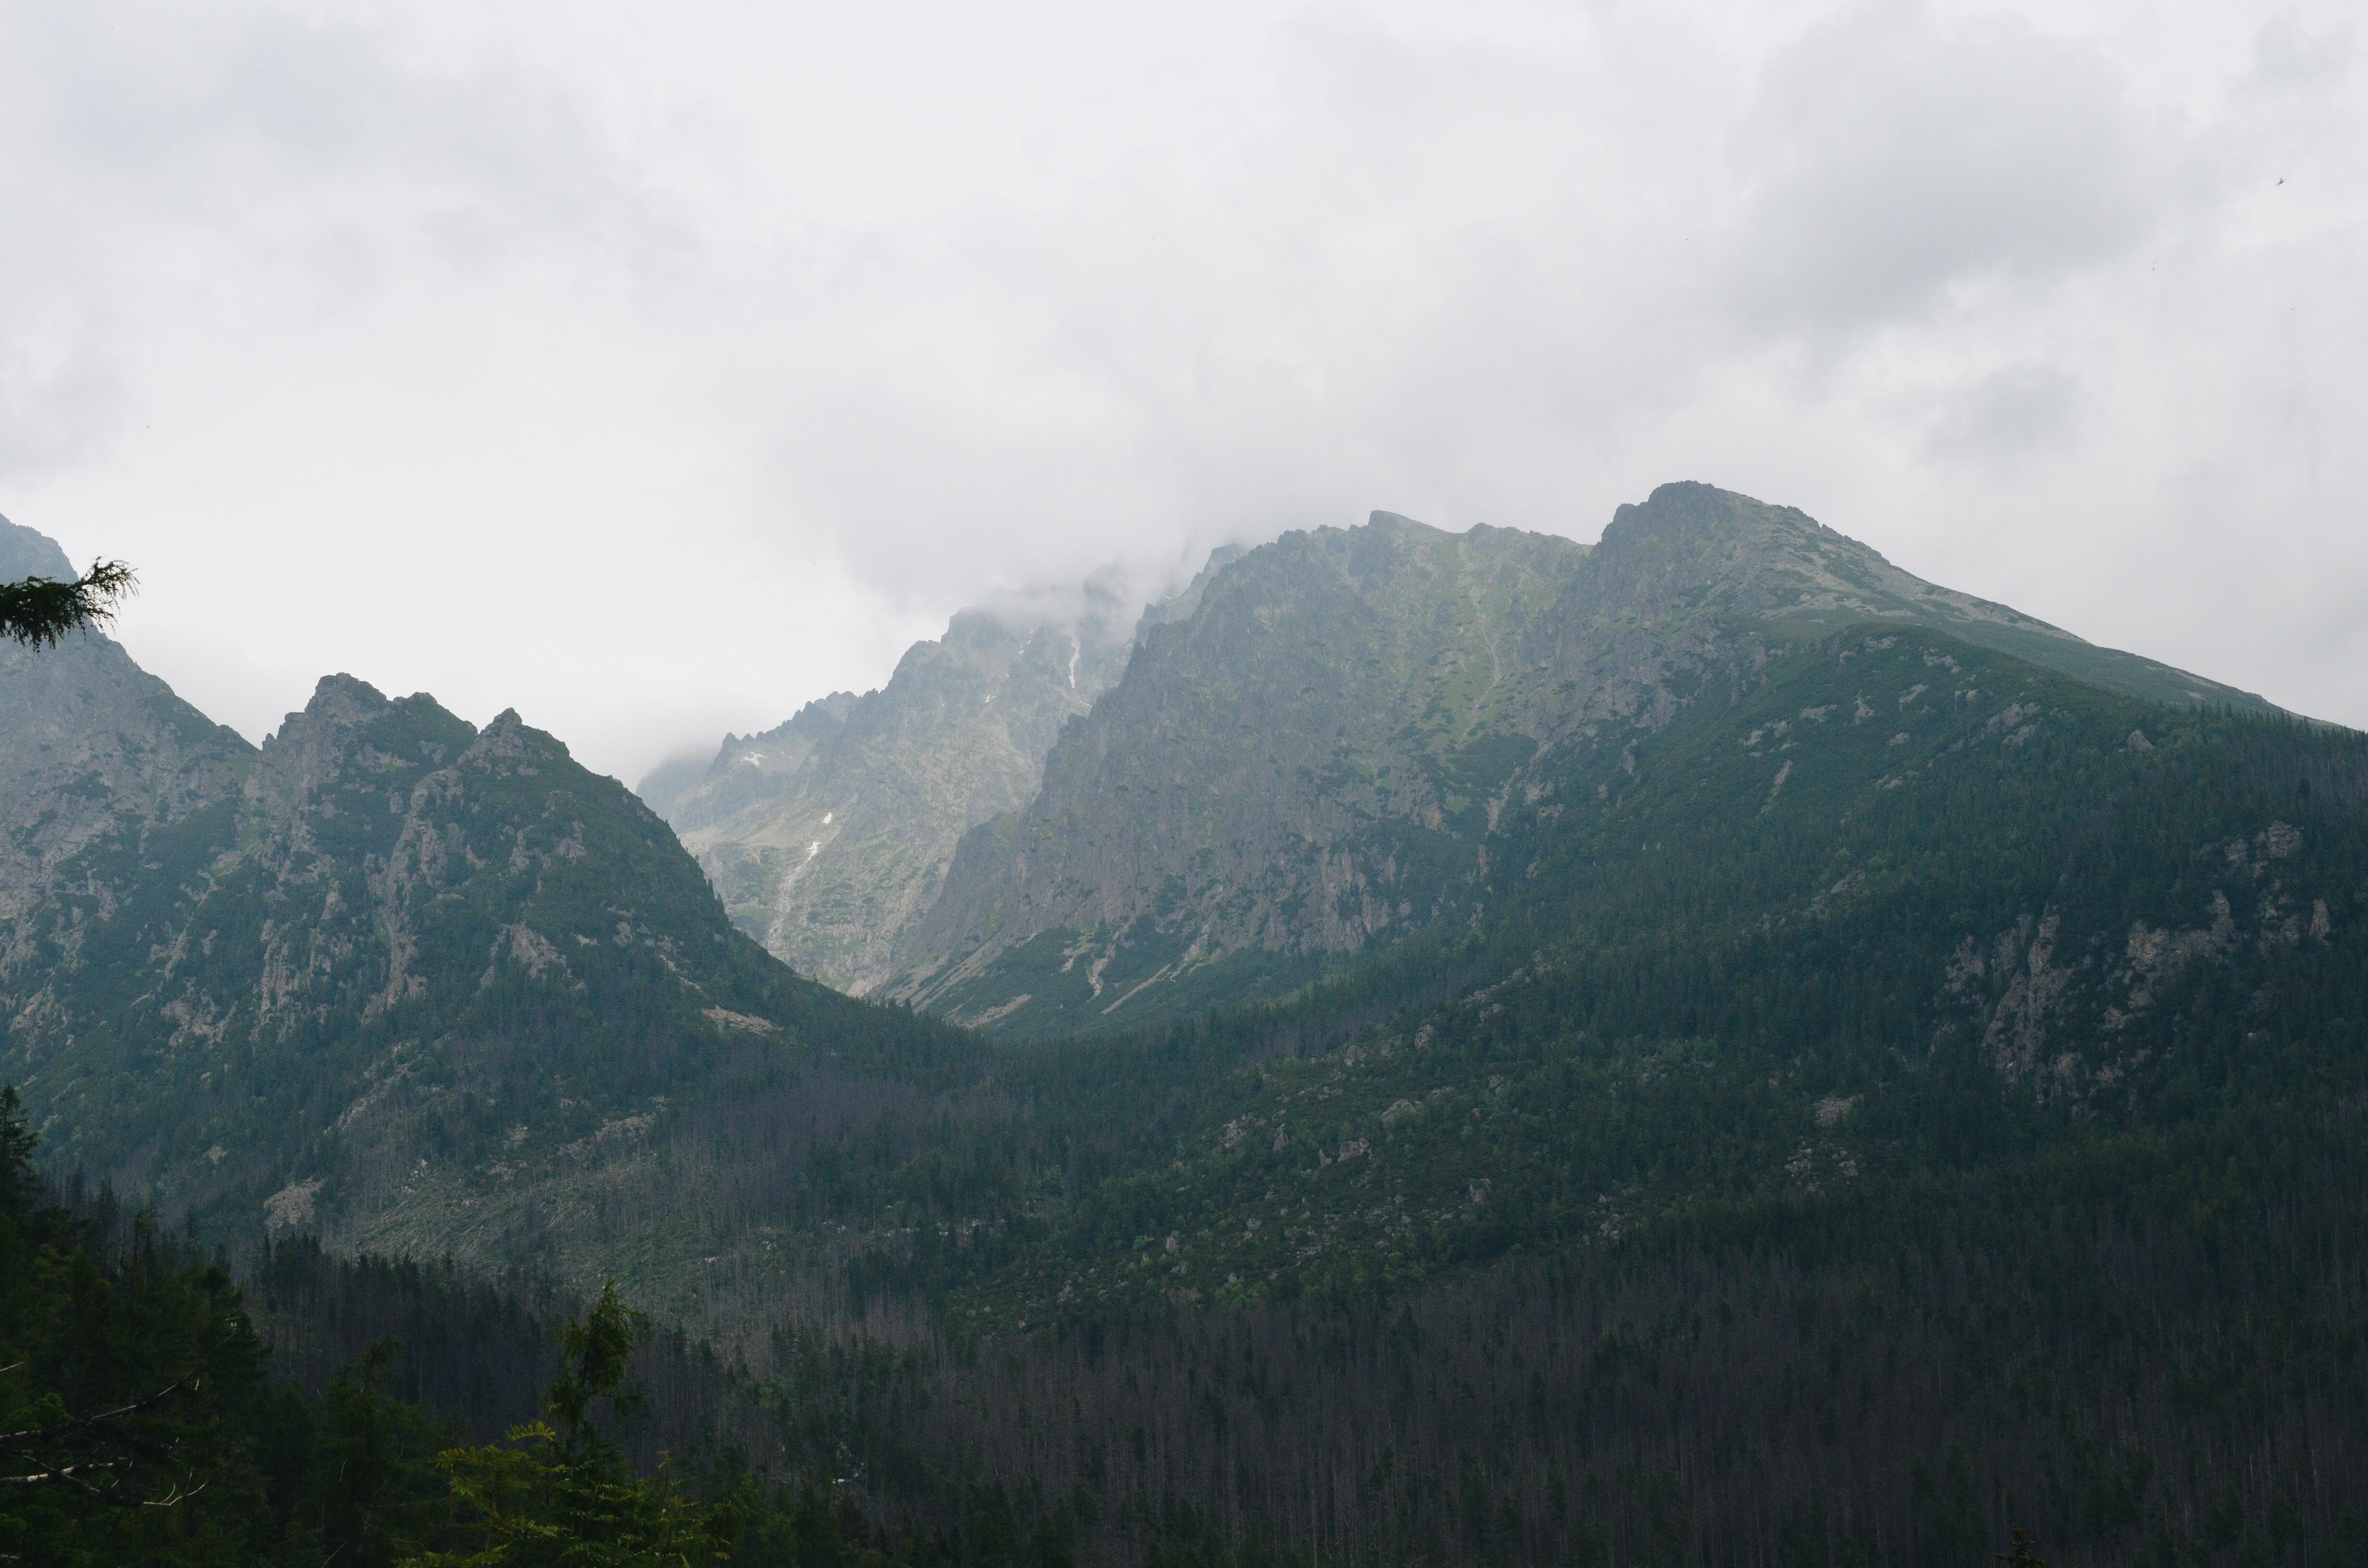 Δωρεάν στοκ φωτογραφιών με βουνό, δασικός, θέα στο βουνό, σύννεφα